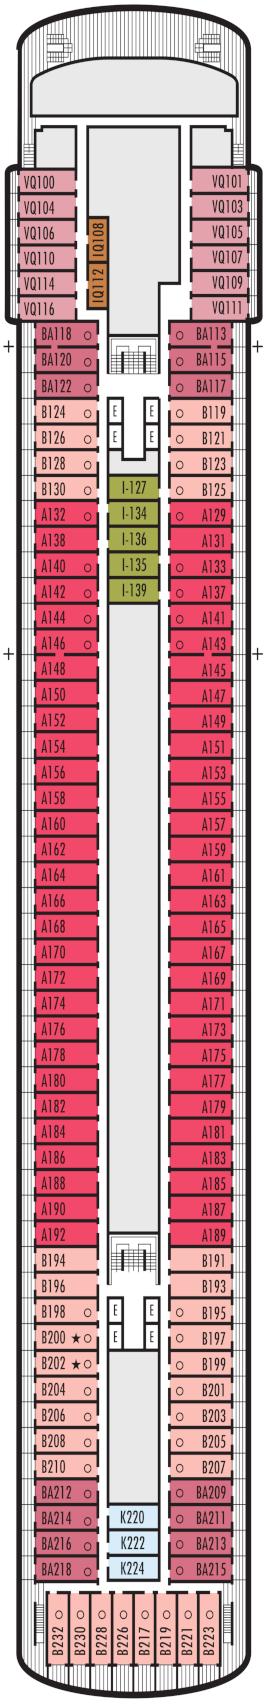 Veendam Verandah Deck Deck Plan